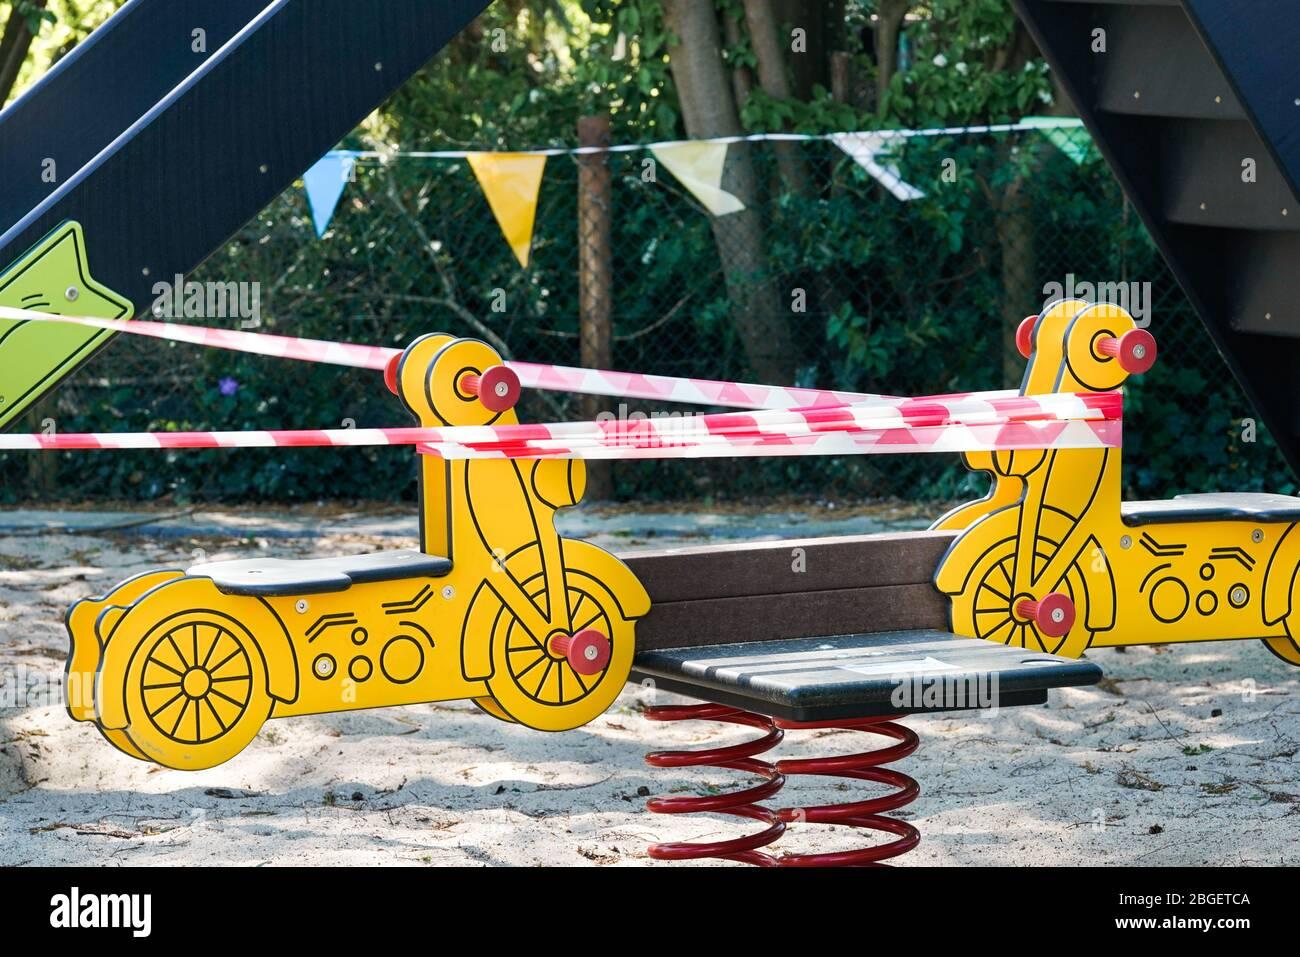 Dortmund, 21.4.2020: Wegen der Coronakrise (Covid-19,  SARS-CoV-2) und zum Schutz vor Neuinfektionen gesperrter Kinderspielplatz in einer Kleingartenanlage in Dortmund.   ---   Dortmund, Germany, April 21, 2020: Because of the coronavirus crisis (Covid-19, SARS-CoV-2) and children's playground locked in Dortmund to protect against new infections. Stock Photo